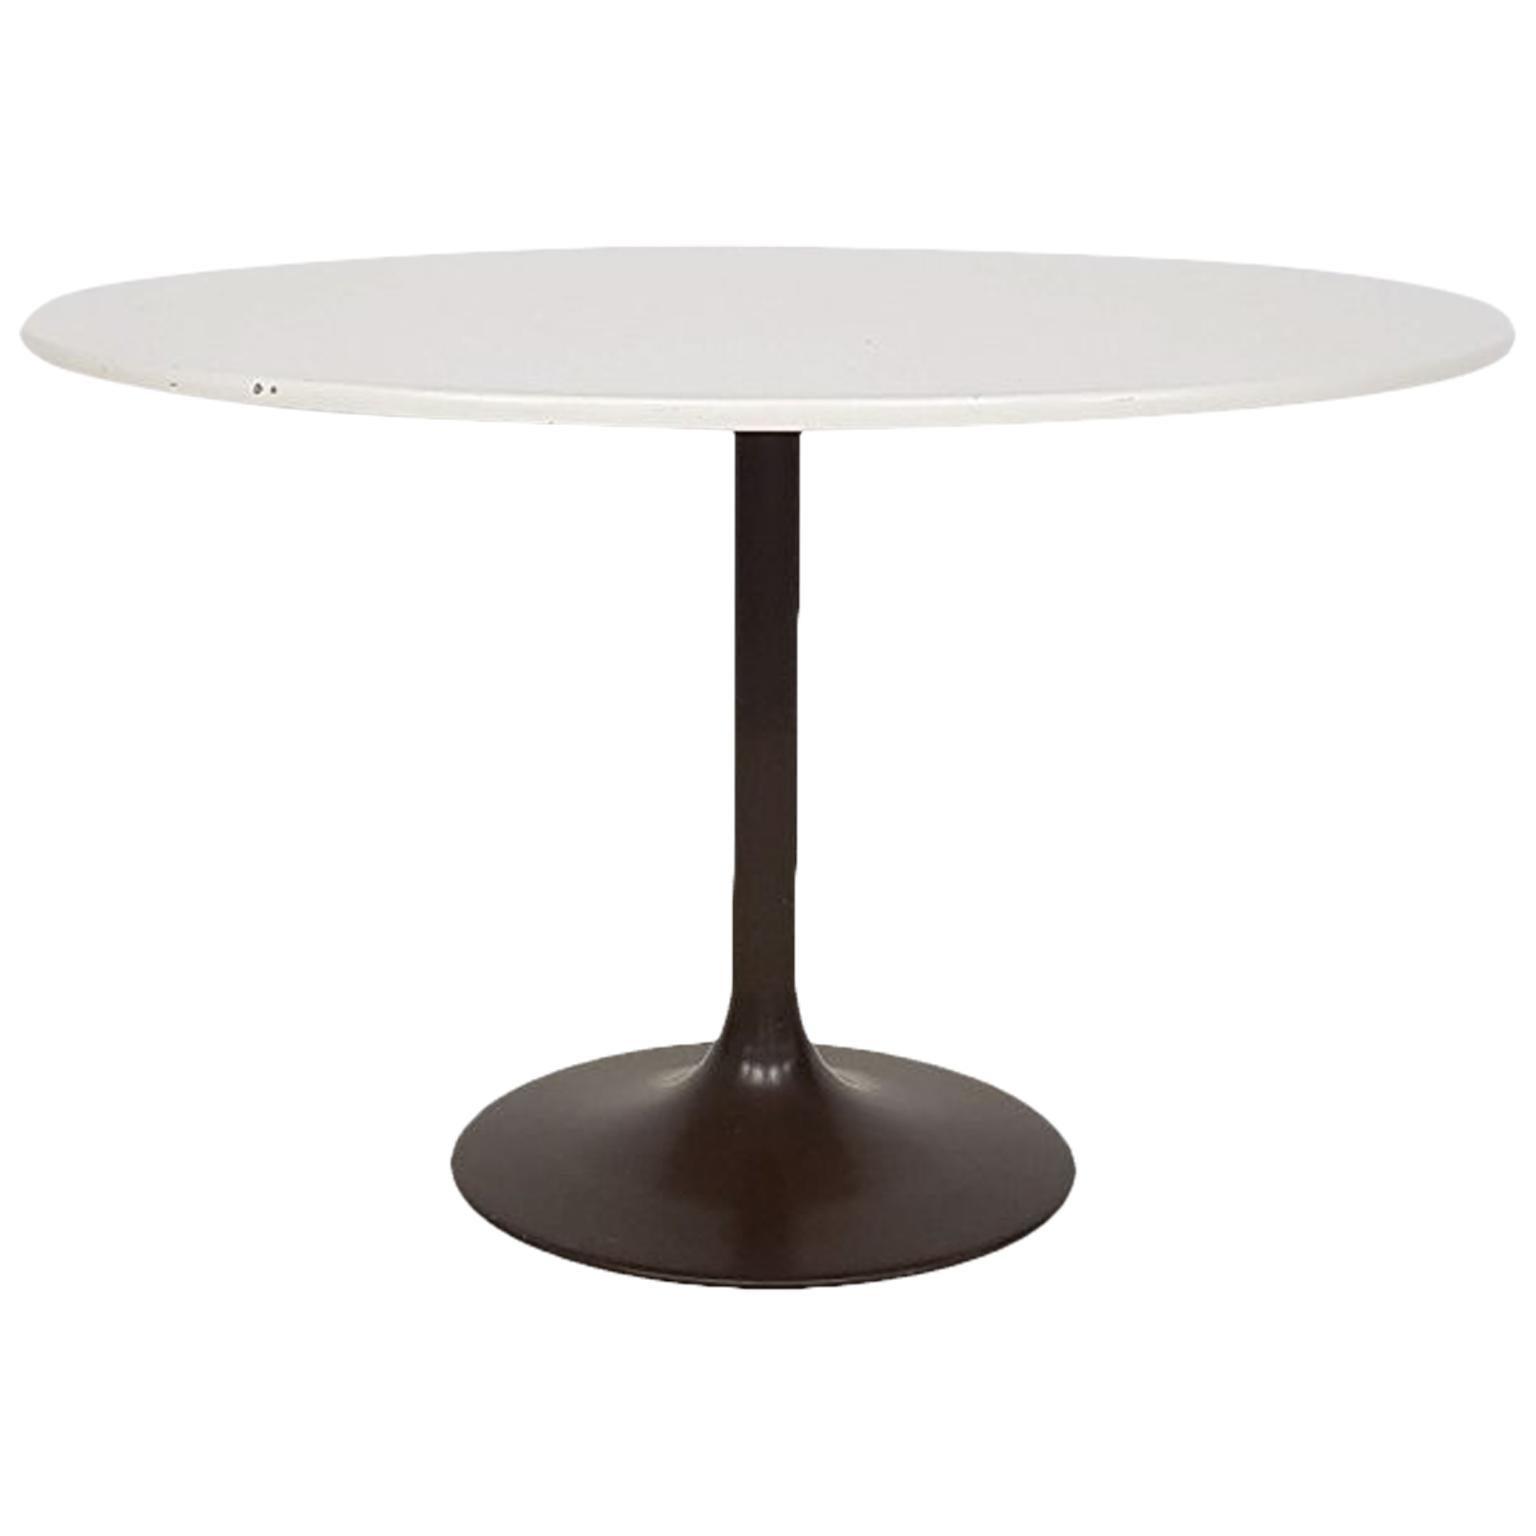 """""""Tulip"""" Dining Table by Borge Johanson for Johanson Design Markaryd, 1968"""